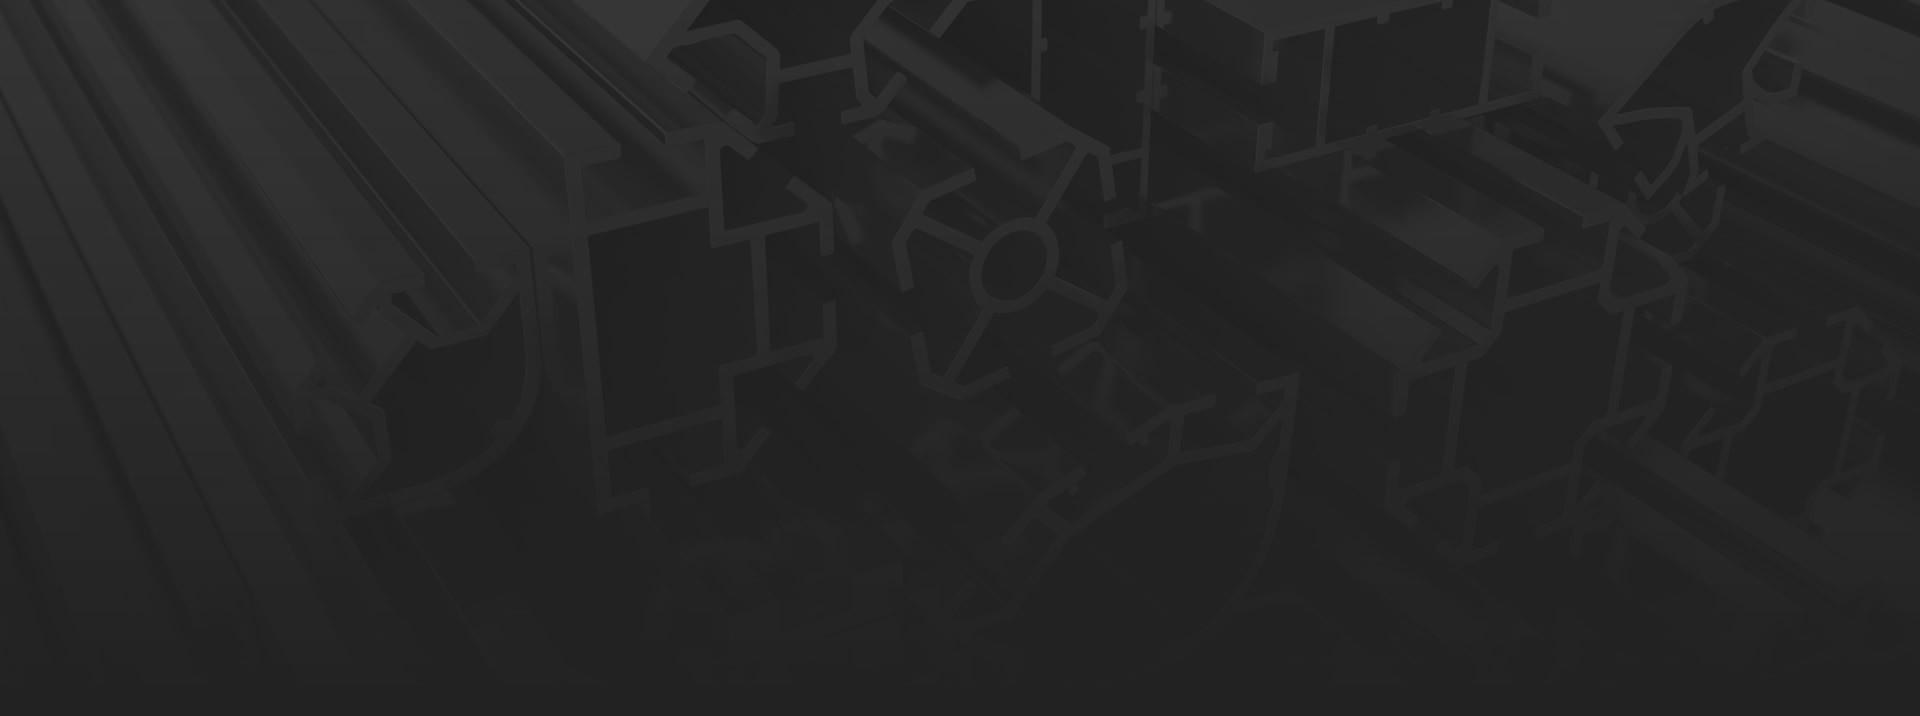 Emmegisoft Slide News 02 fr